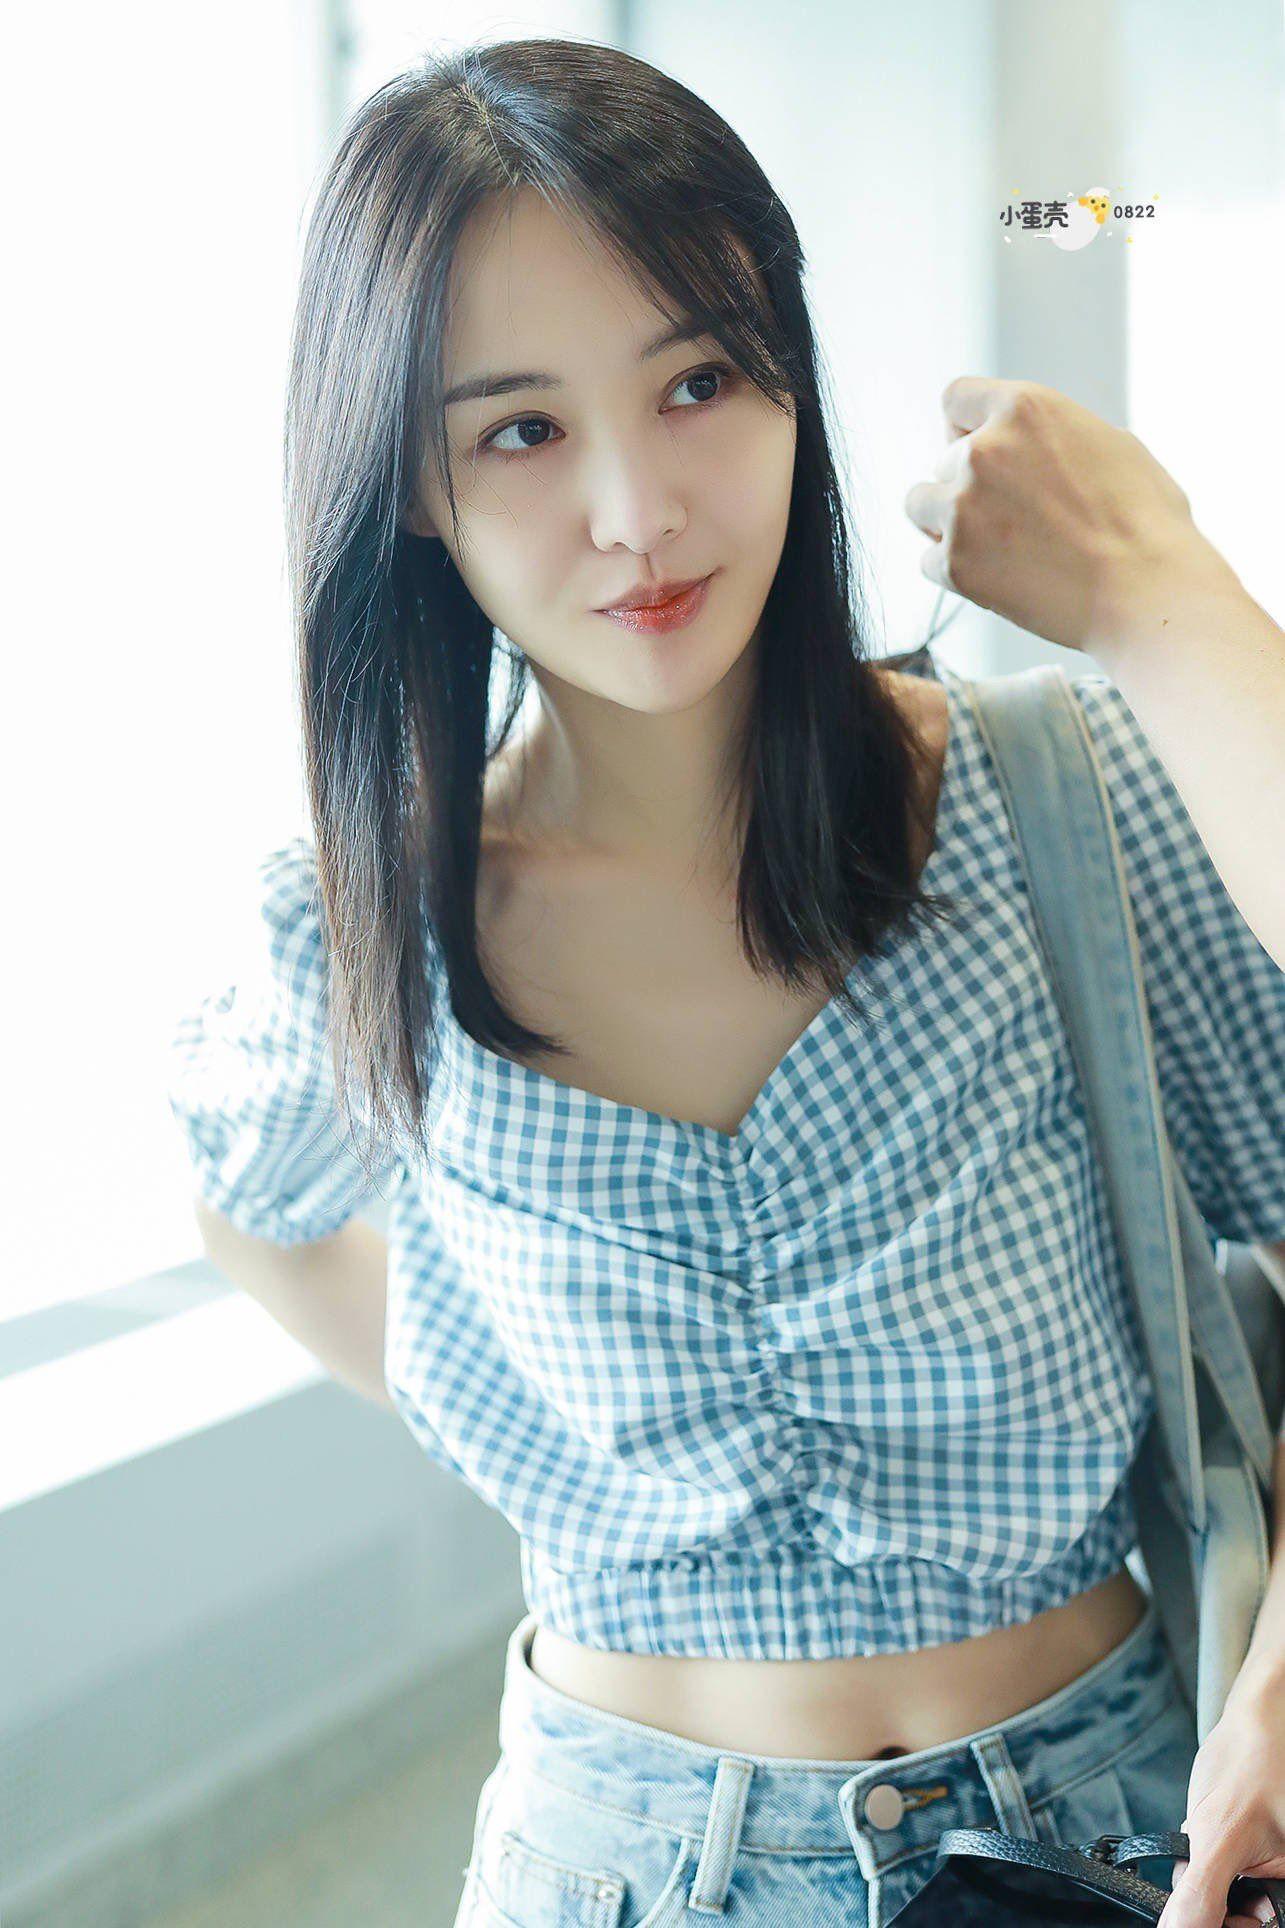 Zheng Shuang 2019 Chinese Actress Crop Tops Fashion